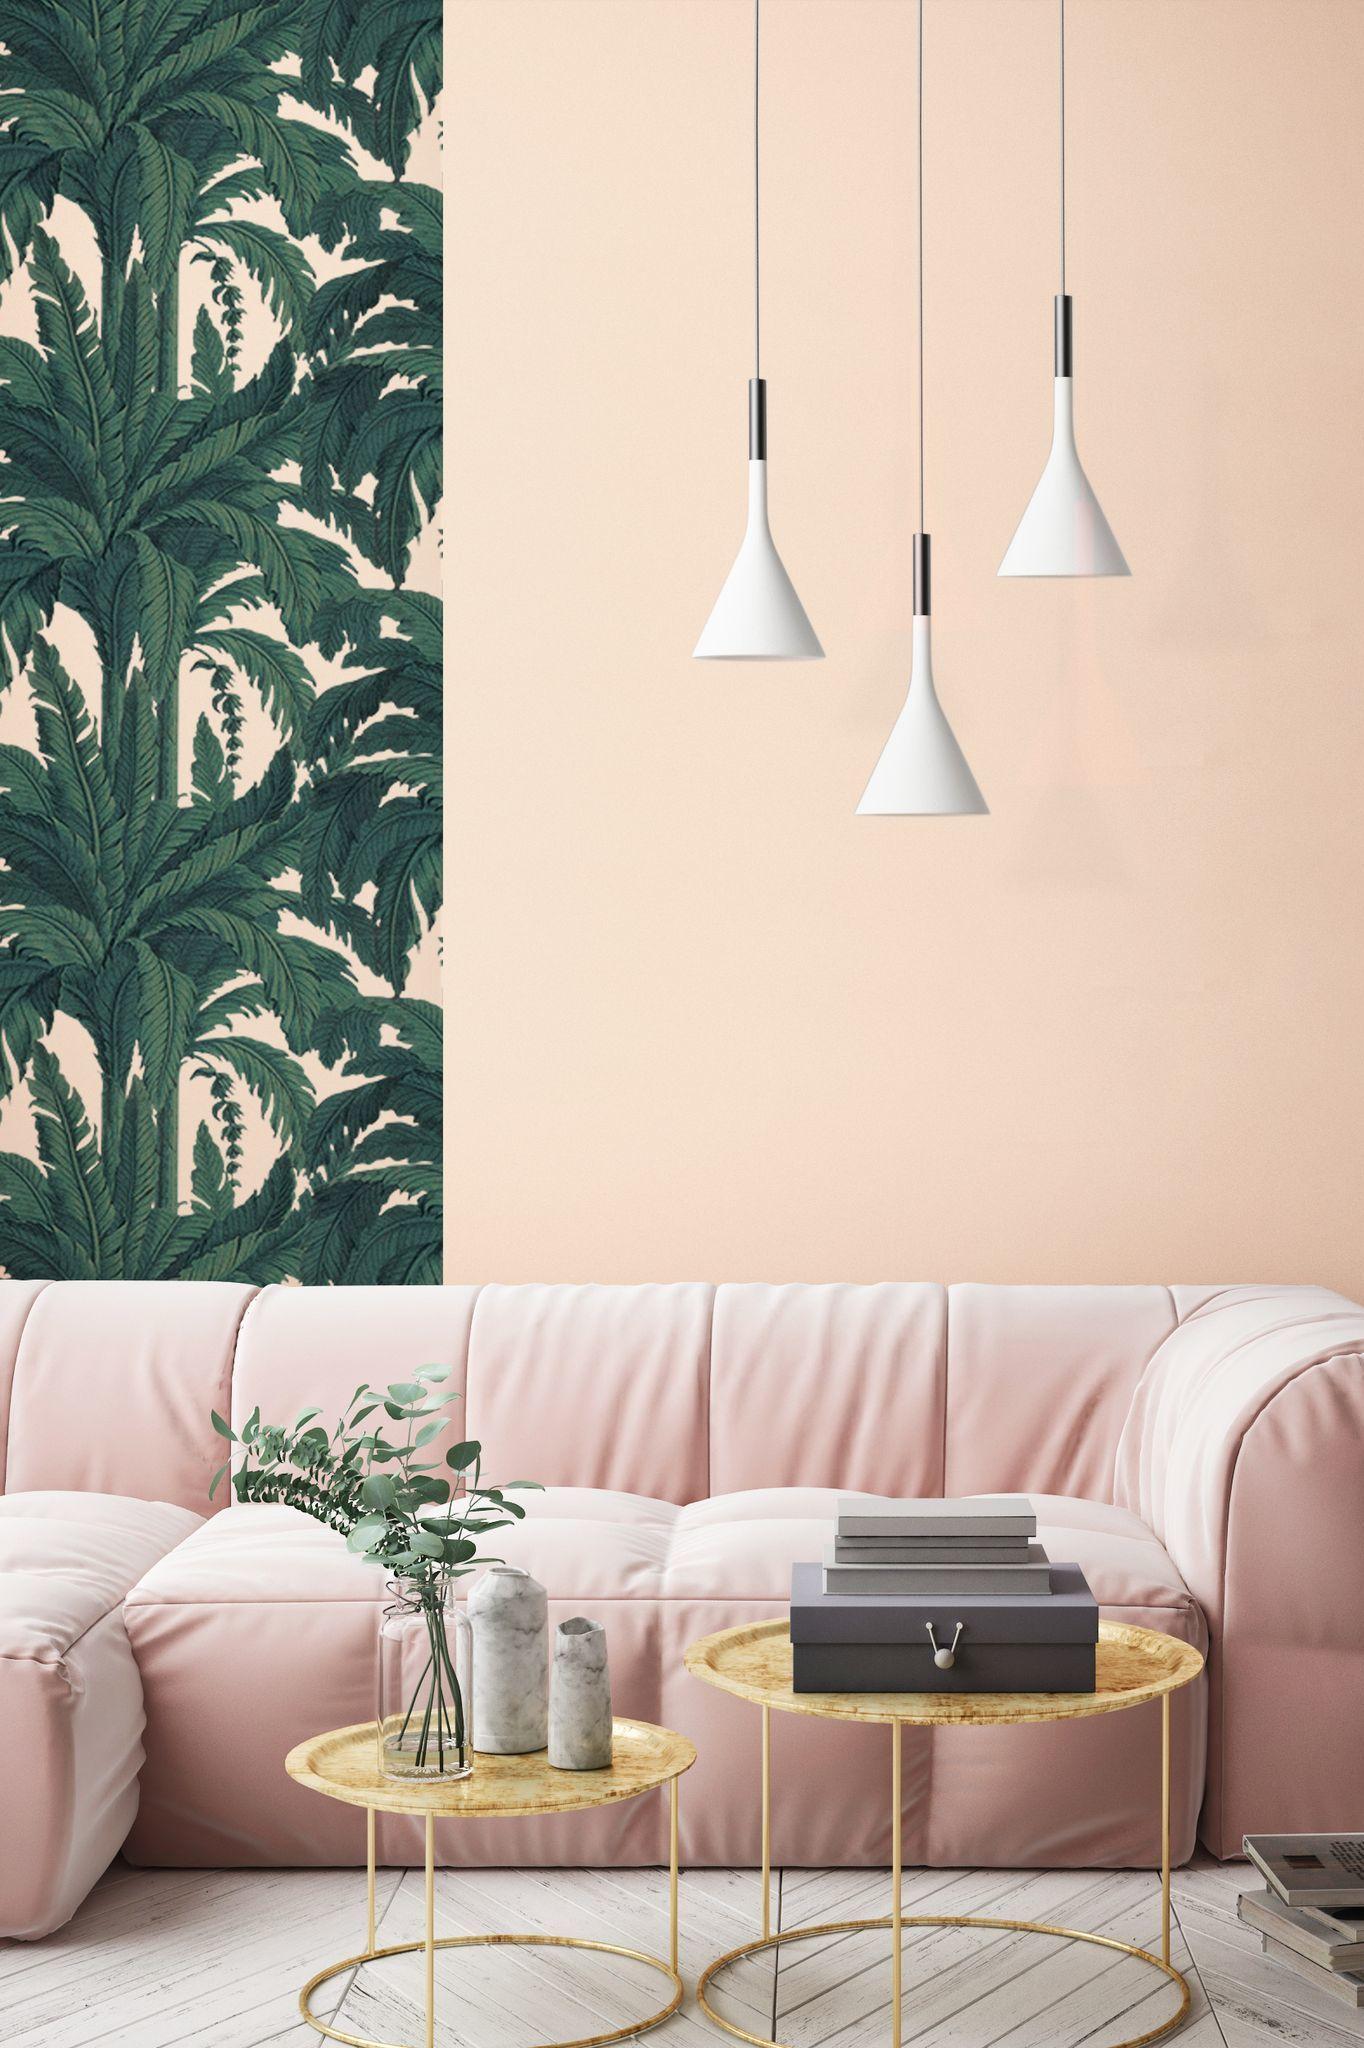 Peinture salon : 43 couleurs tendance pour repeindre le salon | Peinture salon, Deco peinture ...